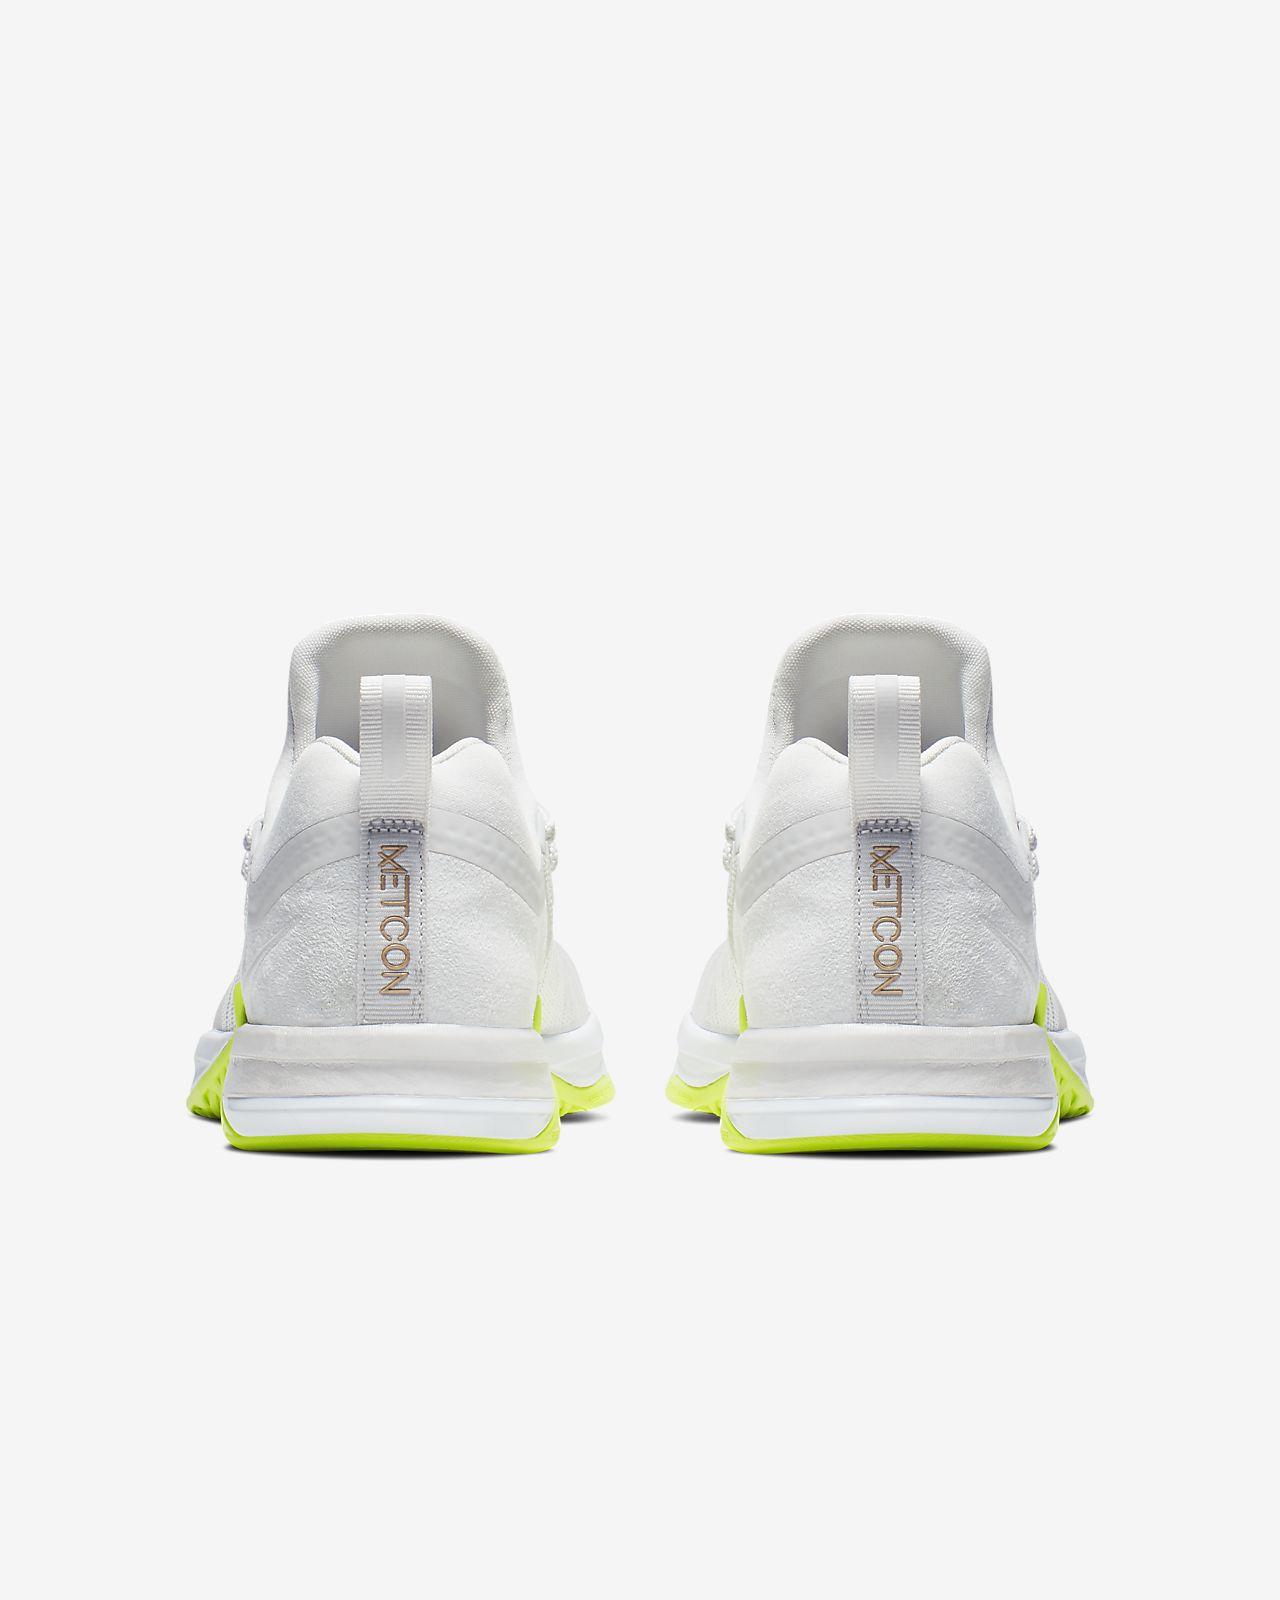 Metcon Nike Women's Shoe TrainingWeightlifting Cross Flyknit 3 PTOukZiX